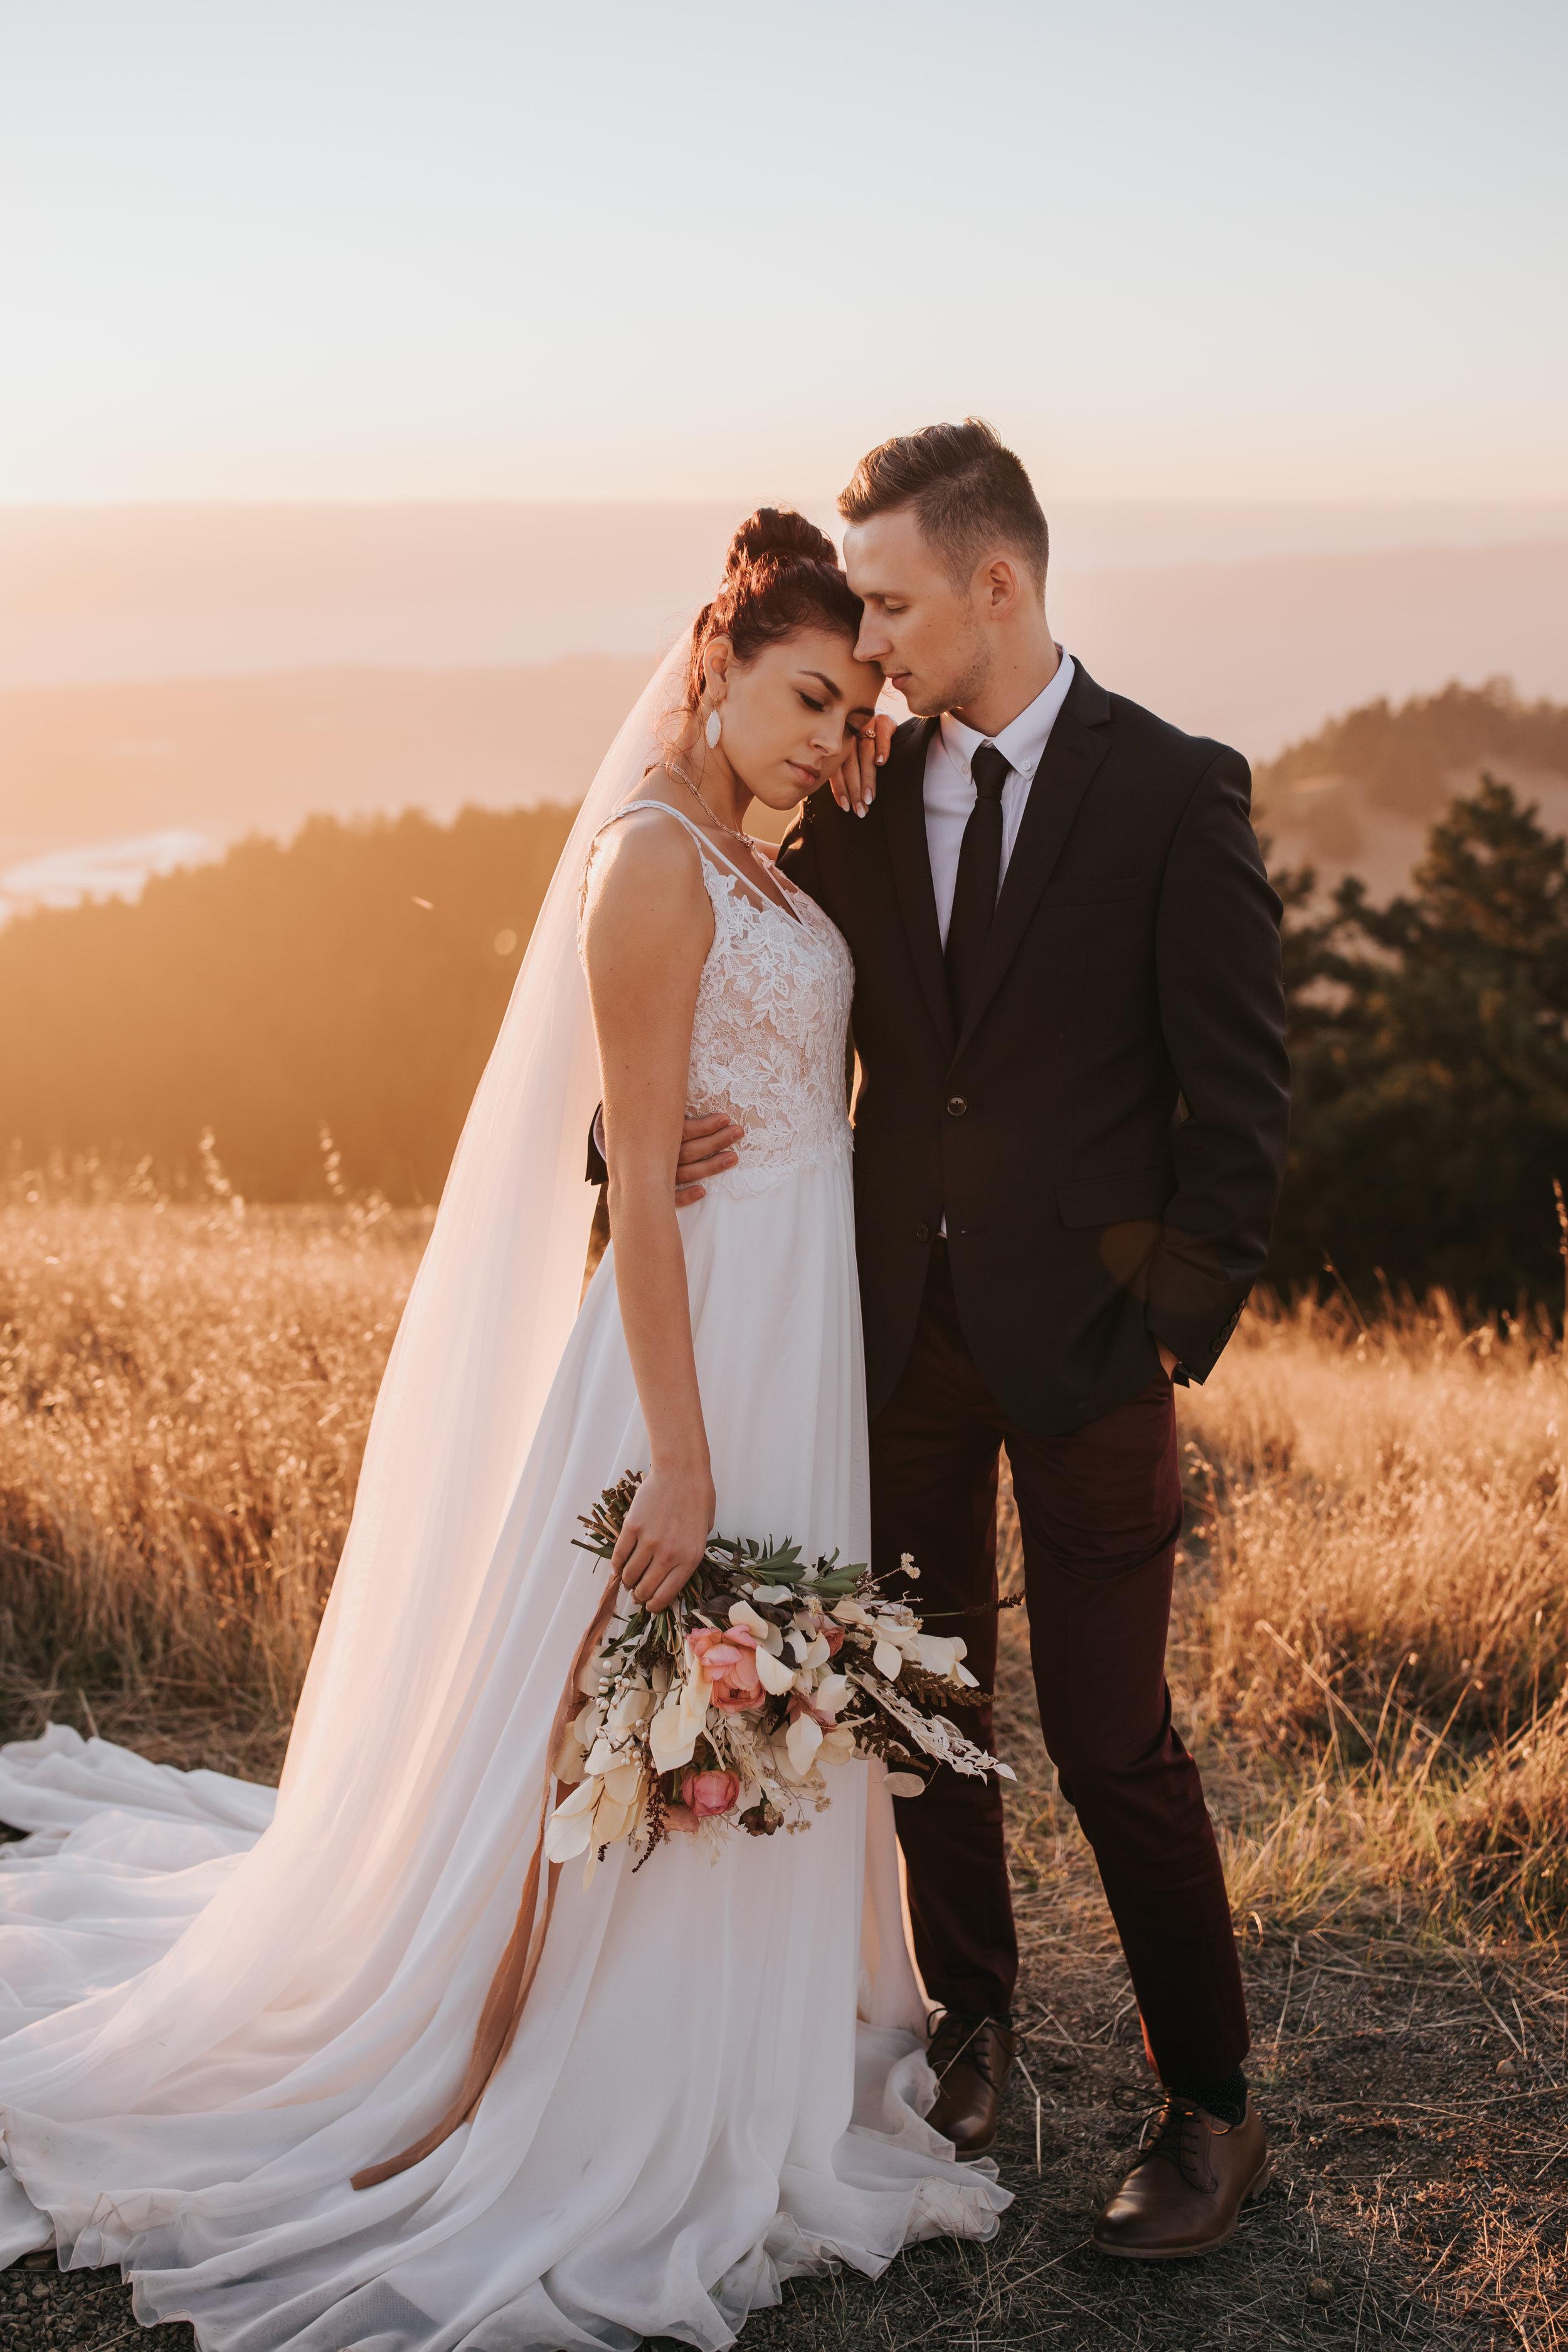 Weddings / Couples